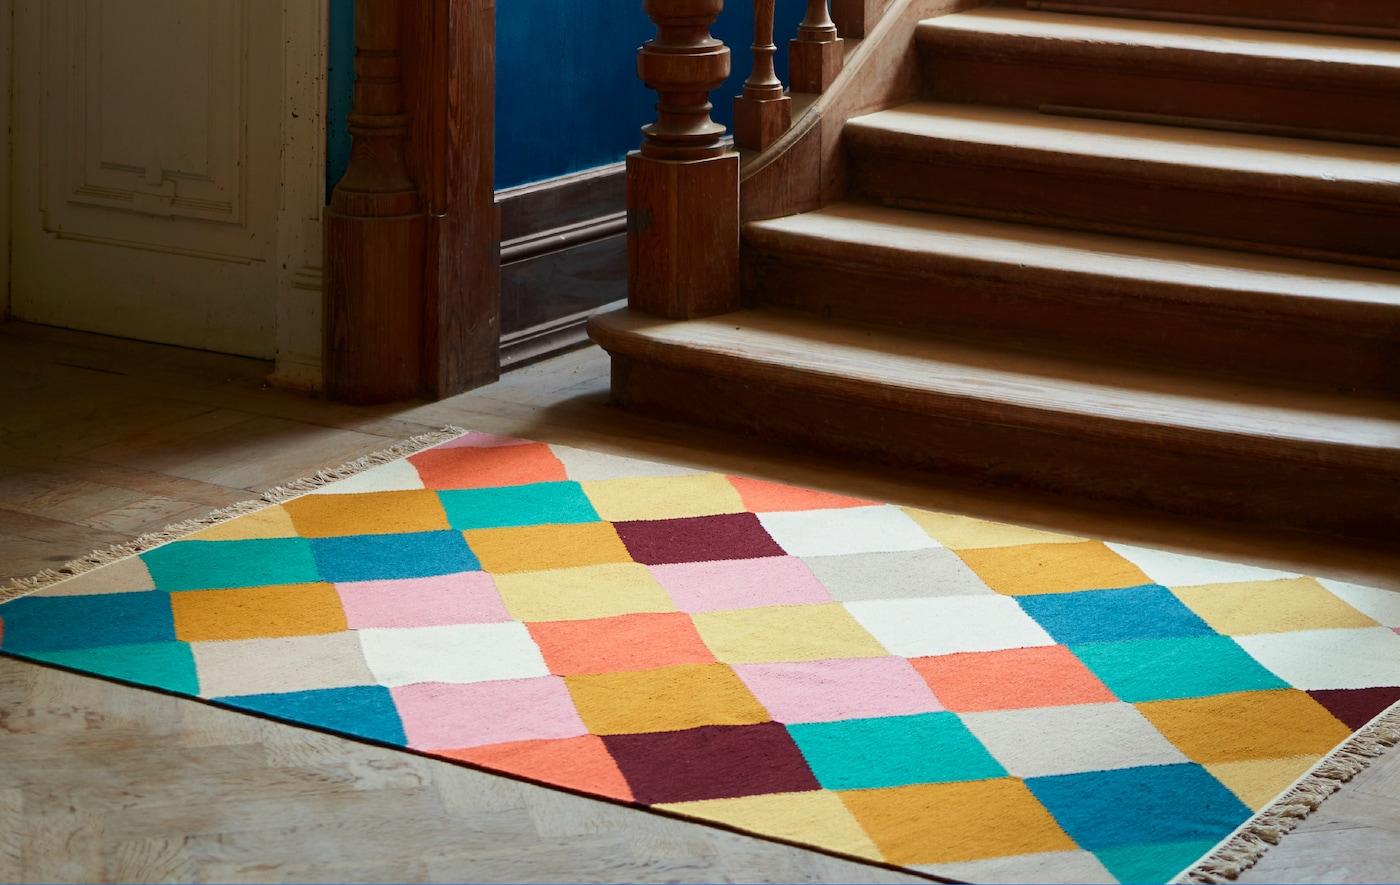 Tappeto VINDERÖD con fantasia multicolore a rombi ai piedi di una scala di legno scuro con dettagli elaborati - IKEA